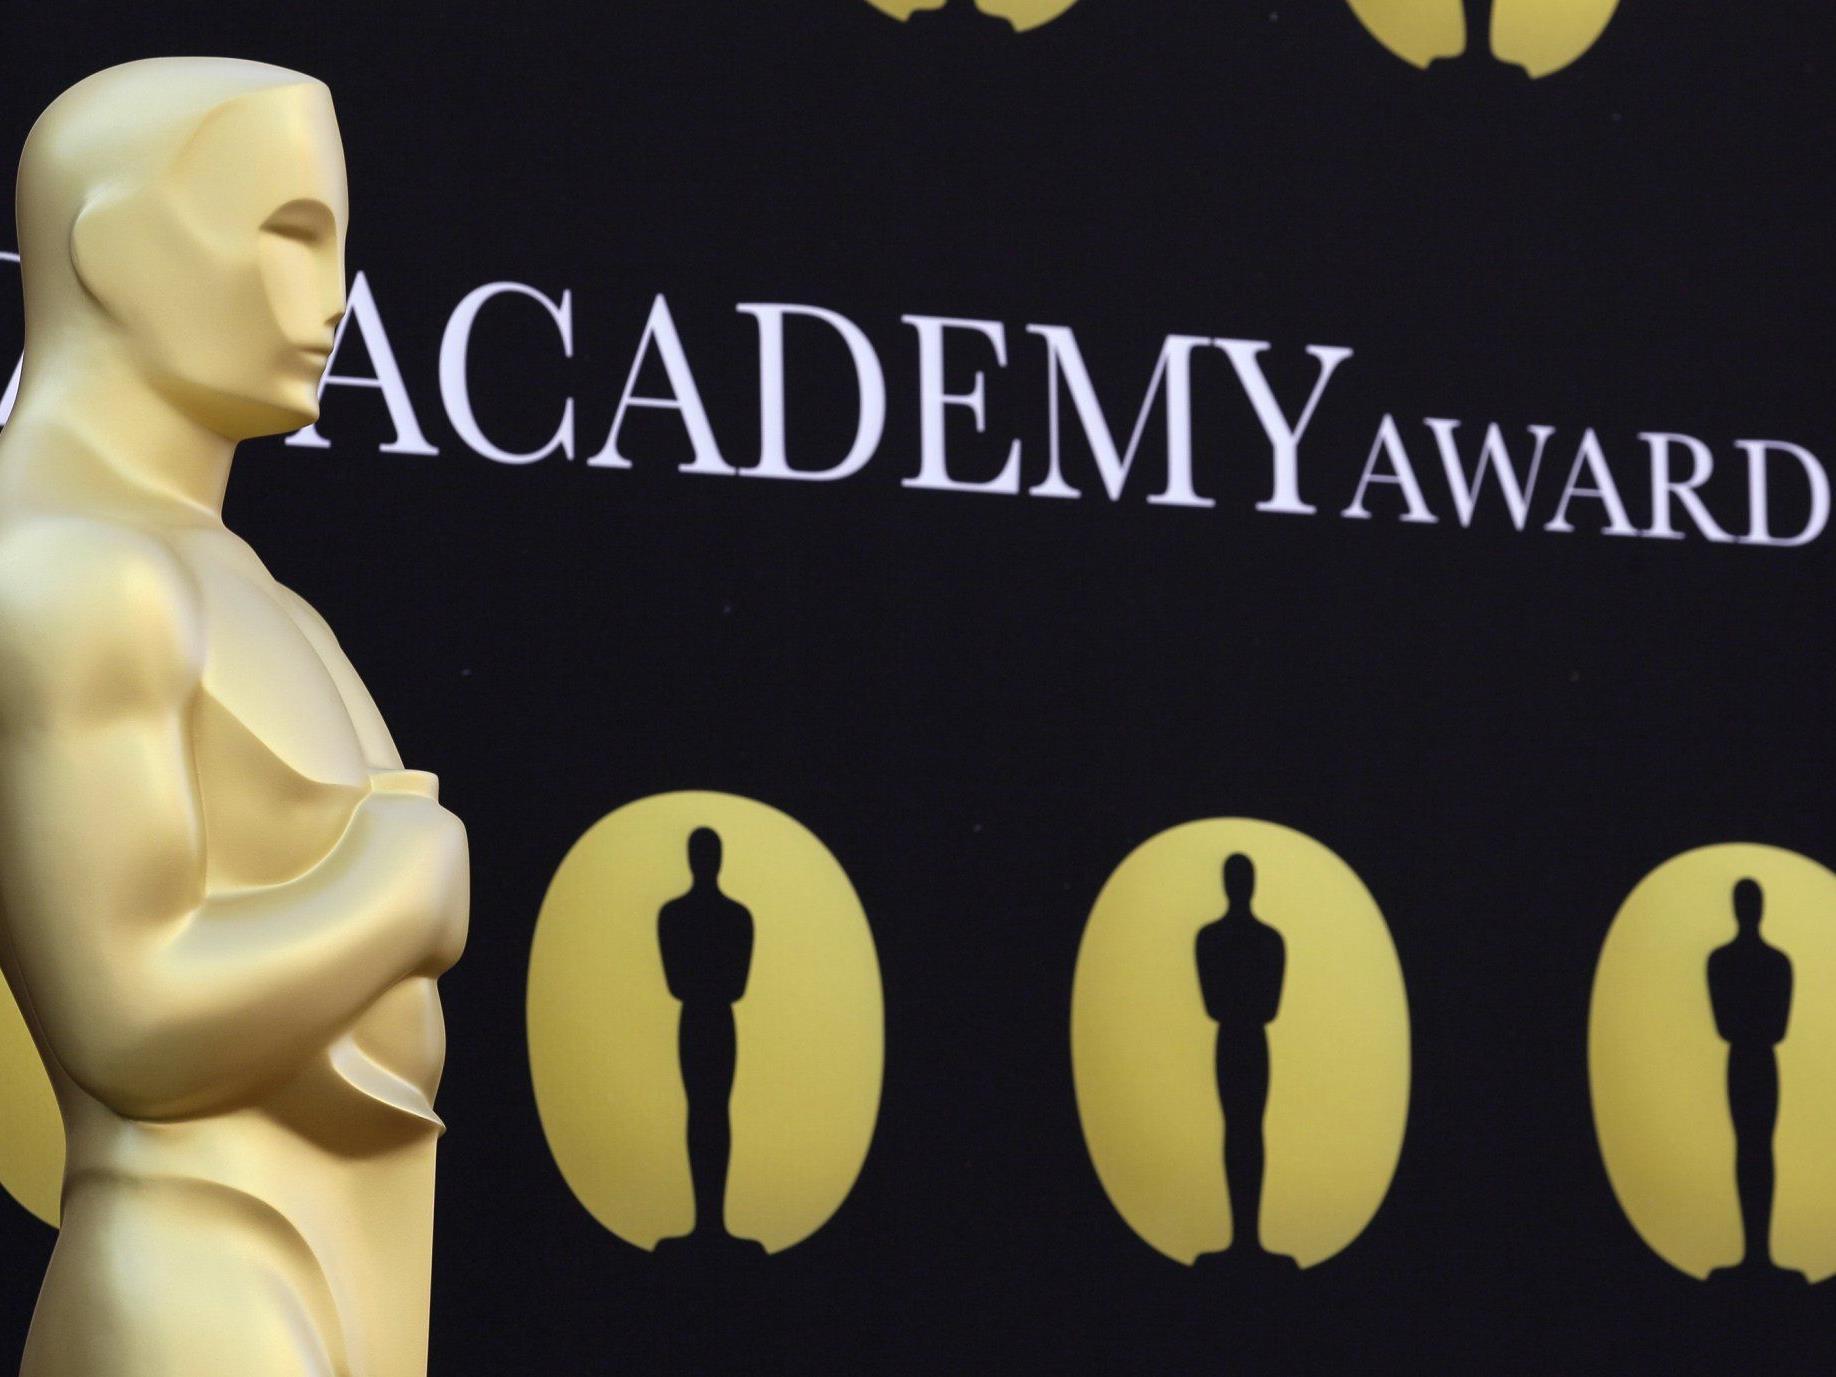 Oscars werden zum 84. Mal verliehen